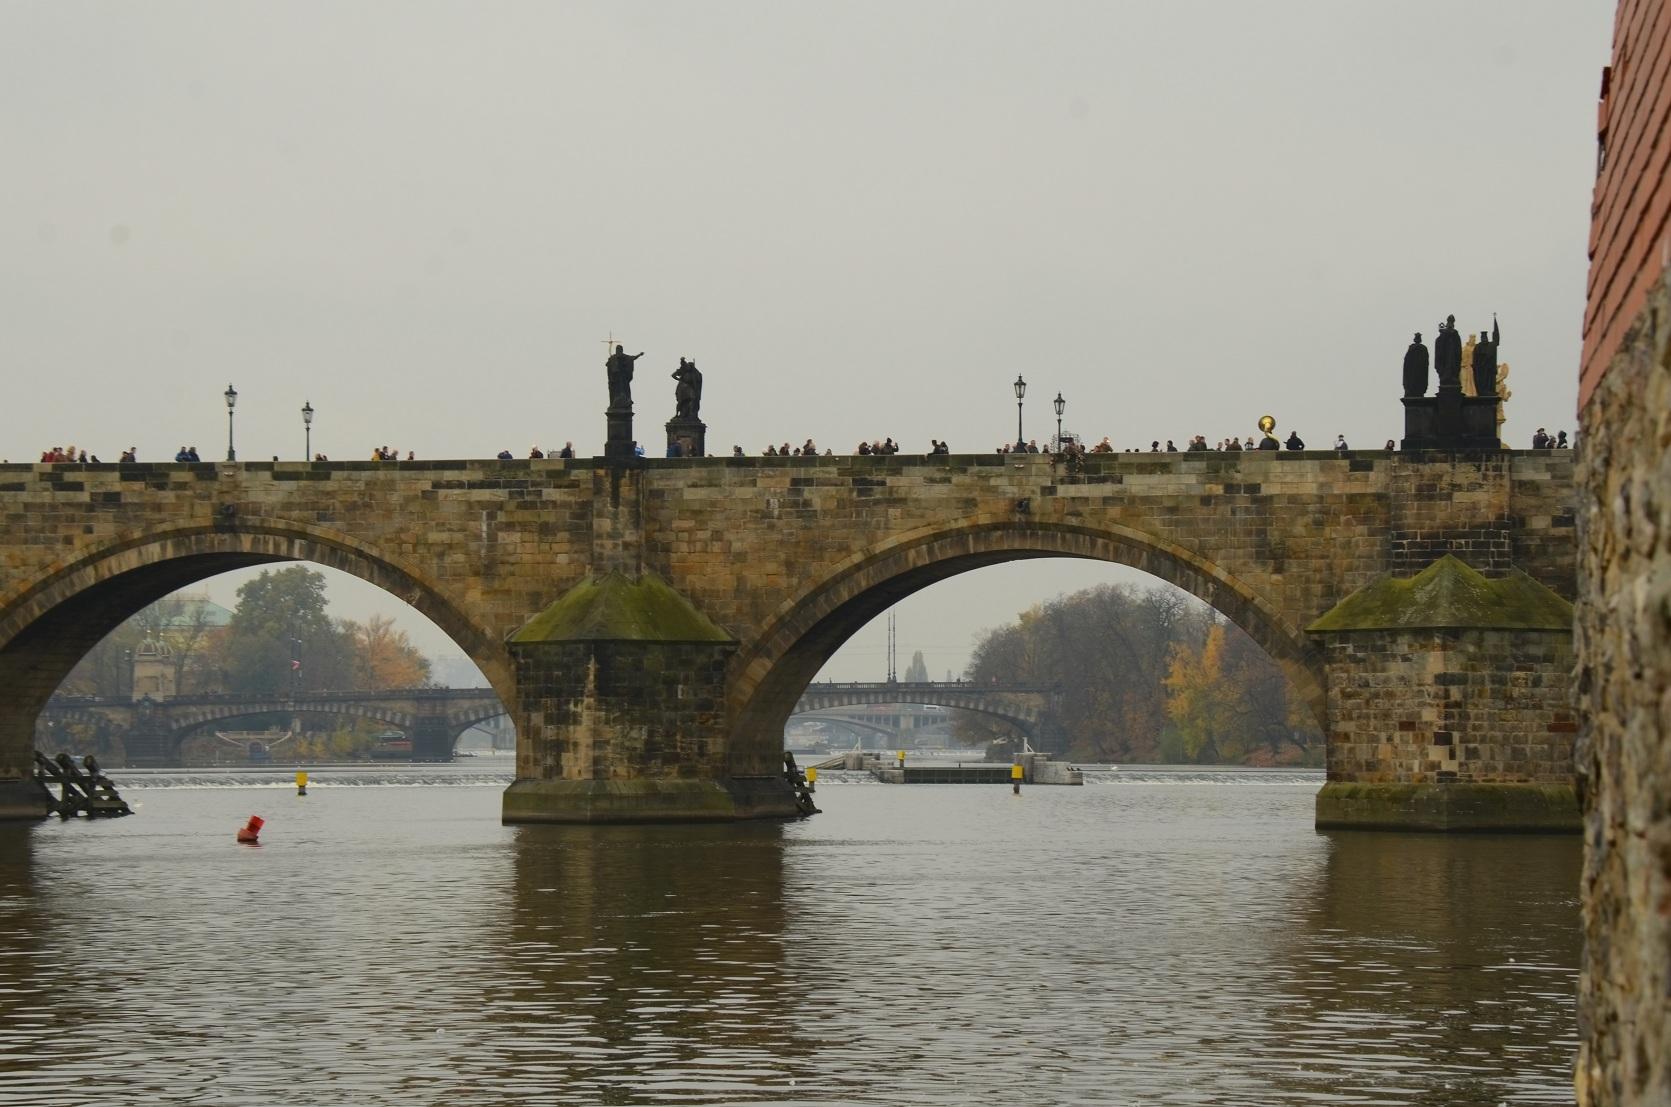 蓝桥摄影作品:桥